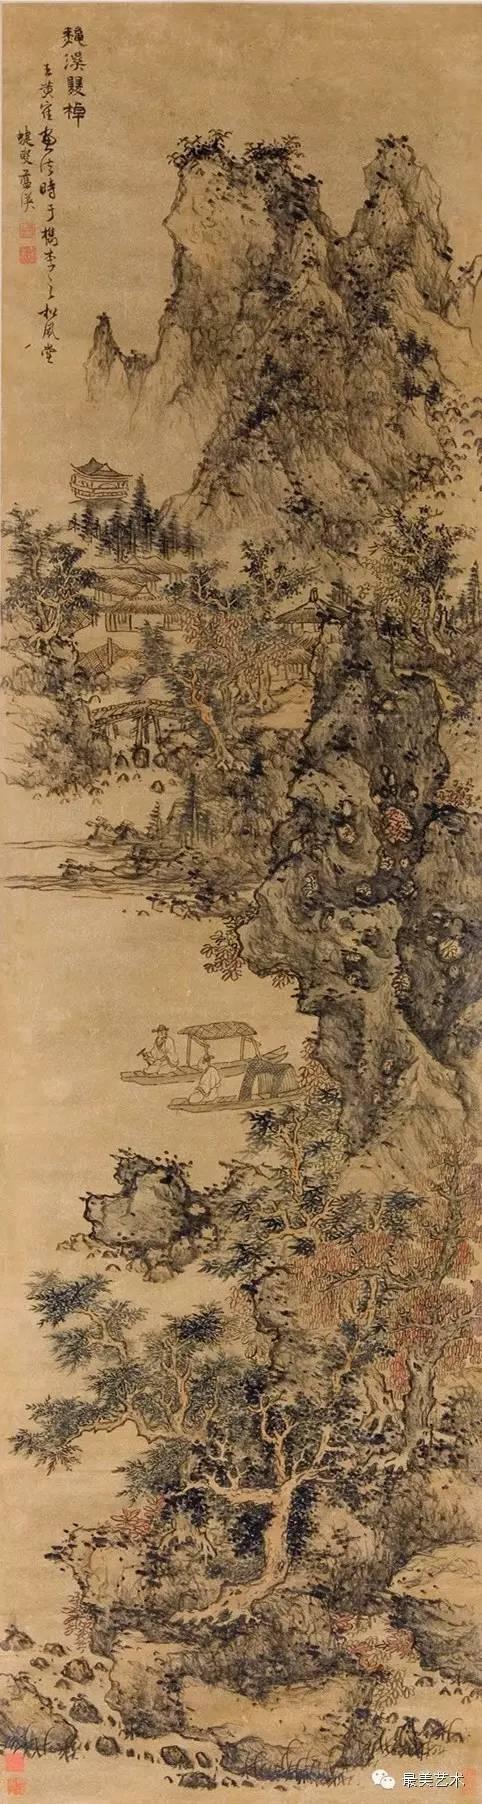 【国画研究】基础教程:清代大师蓝瑛及其武林派的山水图片